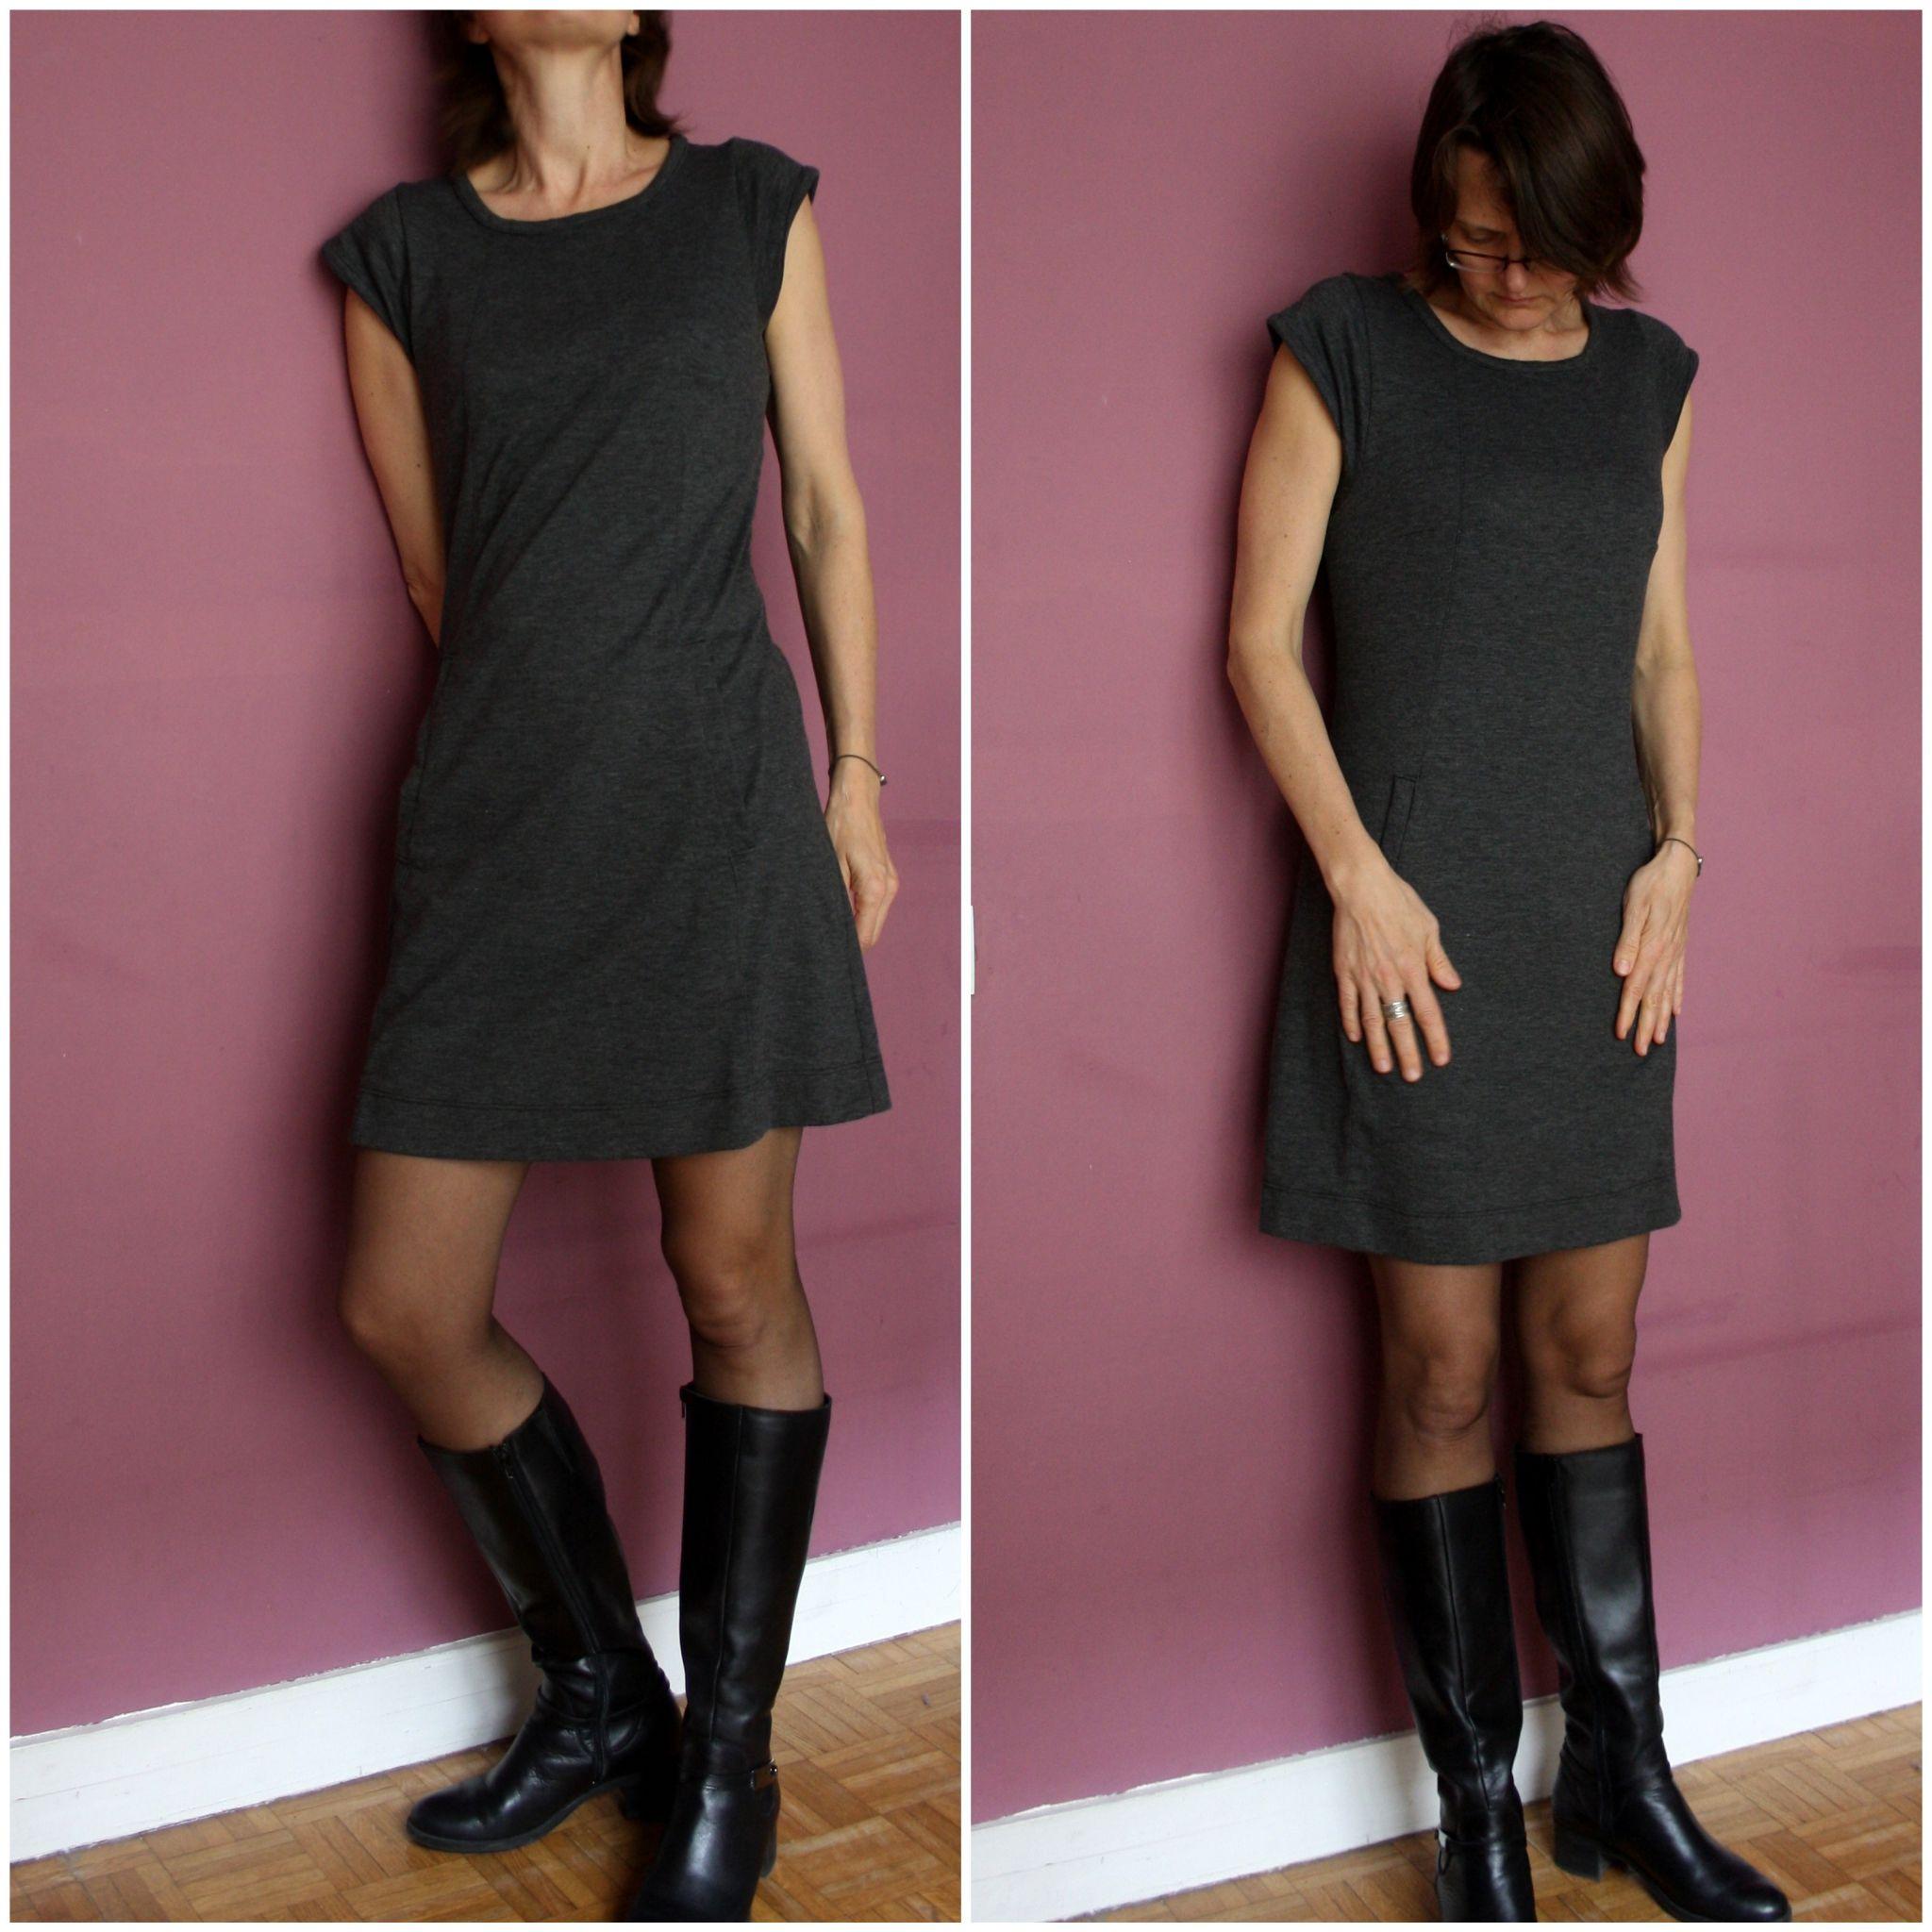 Populaire La PRG : Petite Robe Grise - La cabane d'Elilou | blog couture  GD47